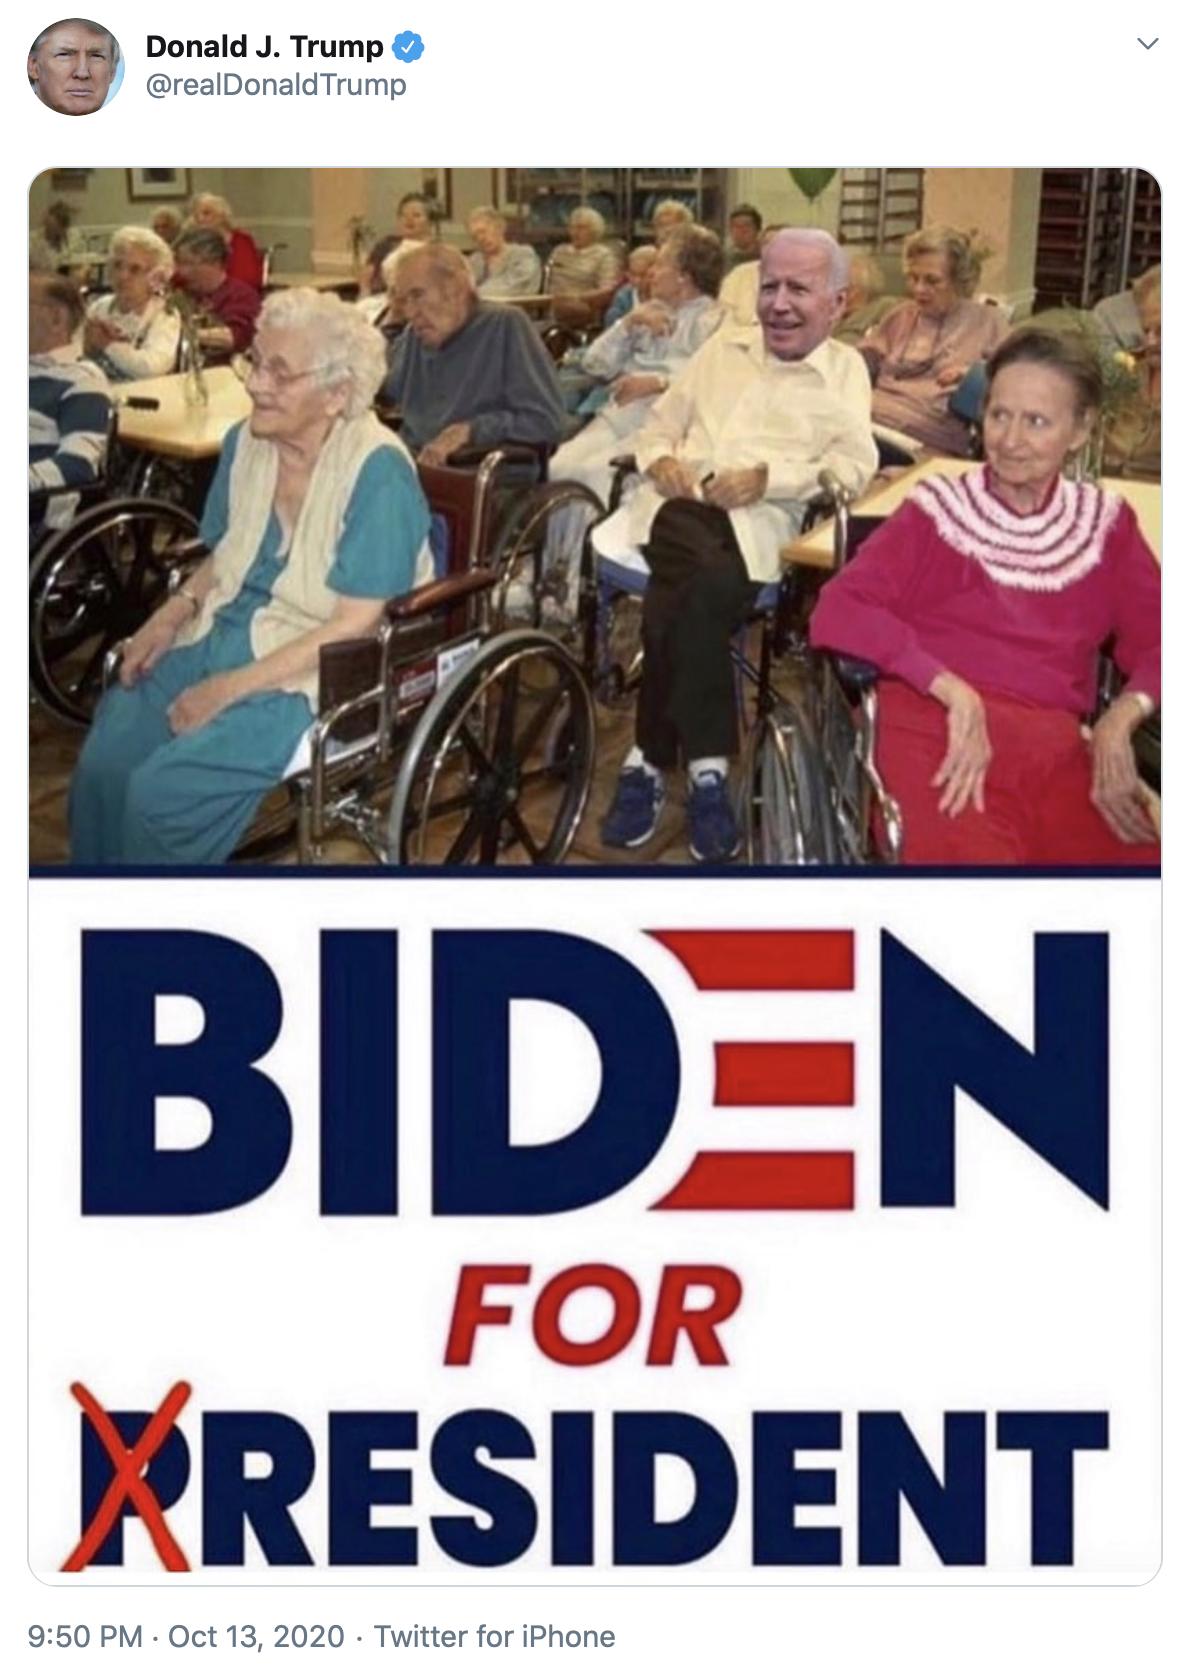 Trump Biden for resident